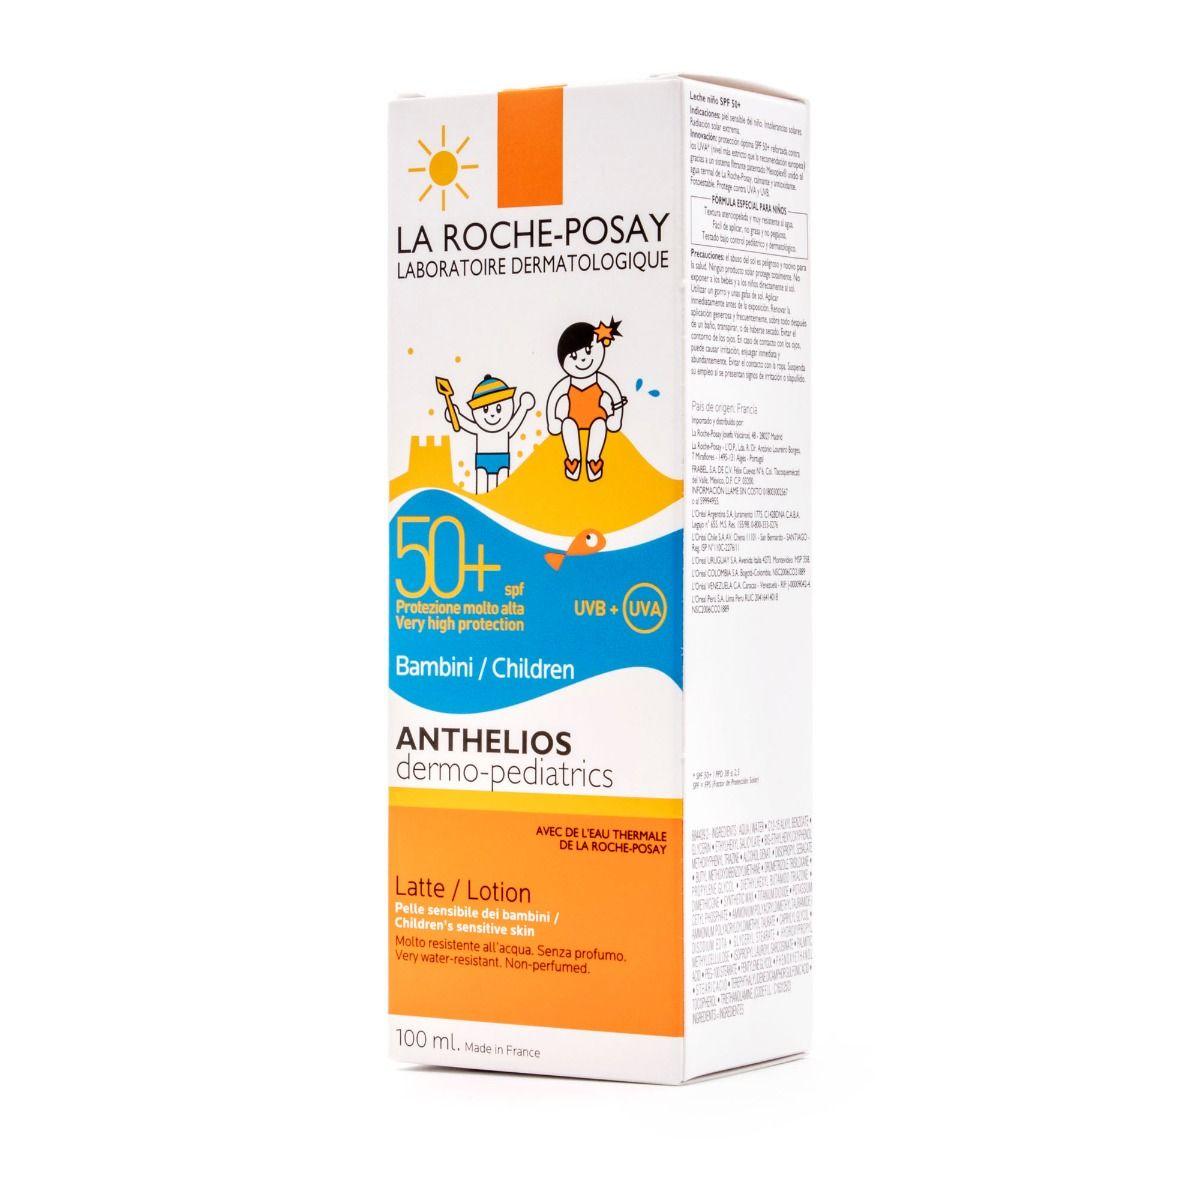 LA ROCHE-POSAY ANTHELIOS DERMO-PEDIATRICS SPF 50+ LECHE 100ML